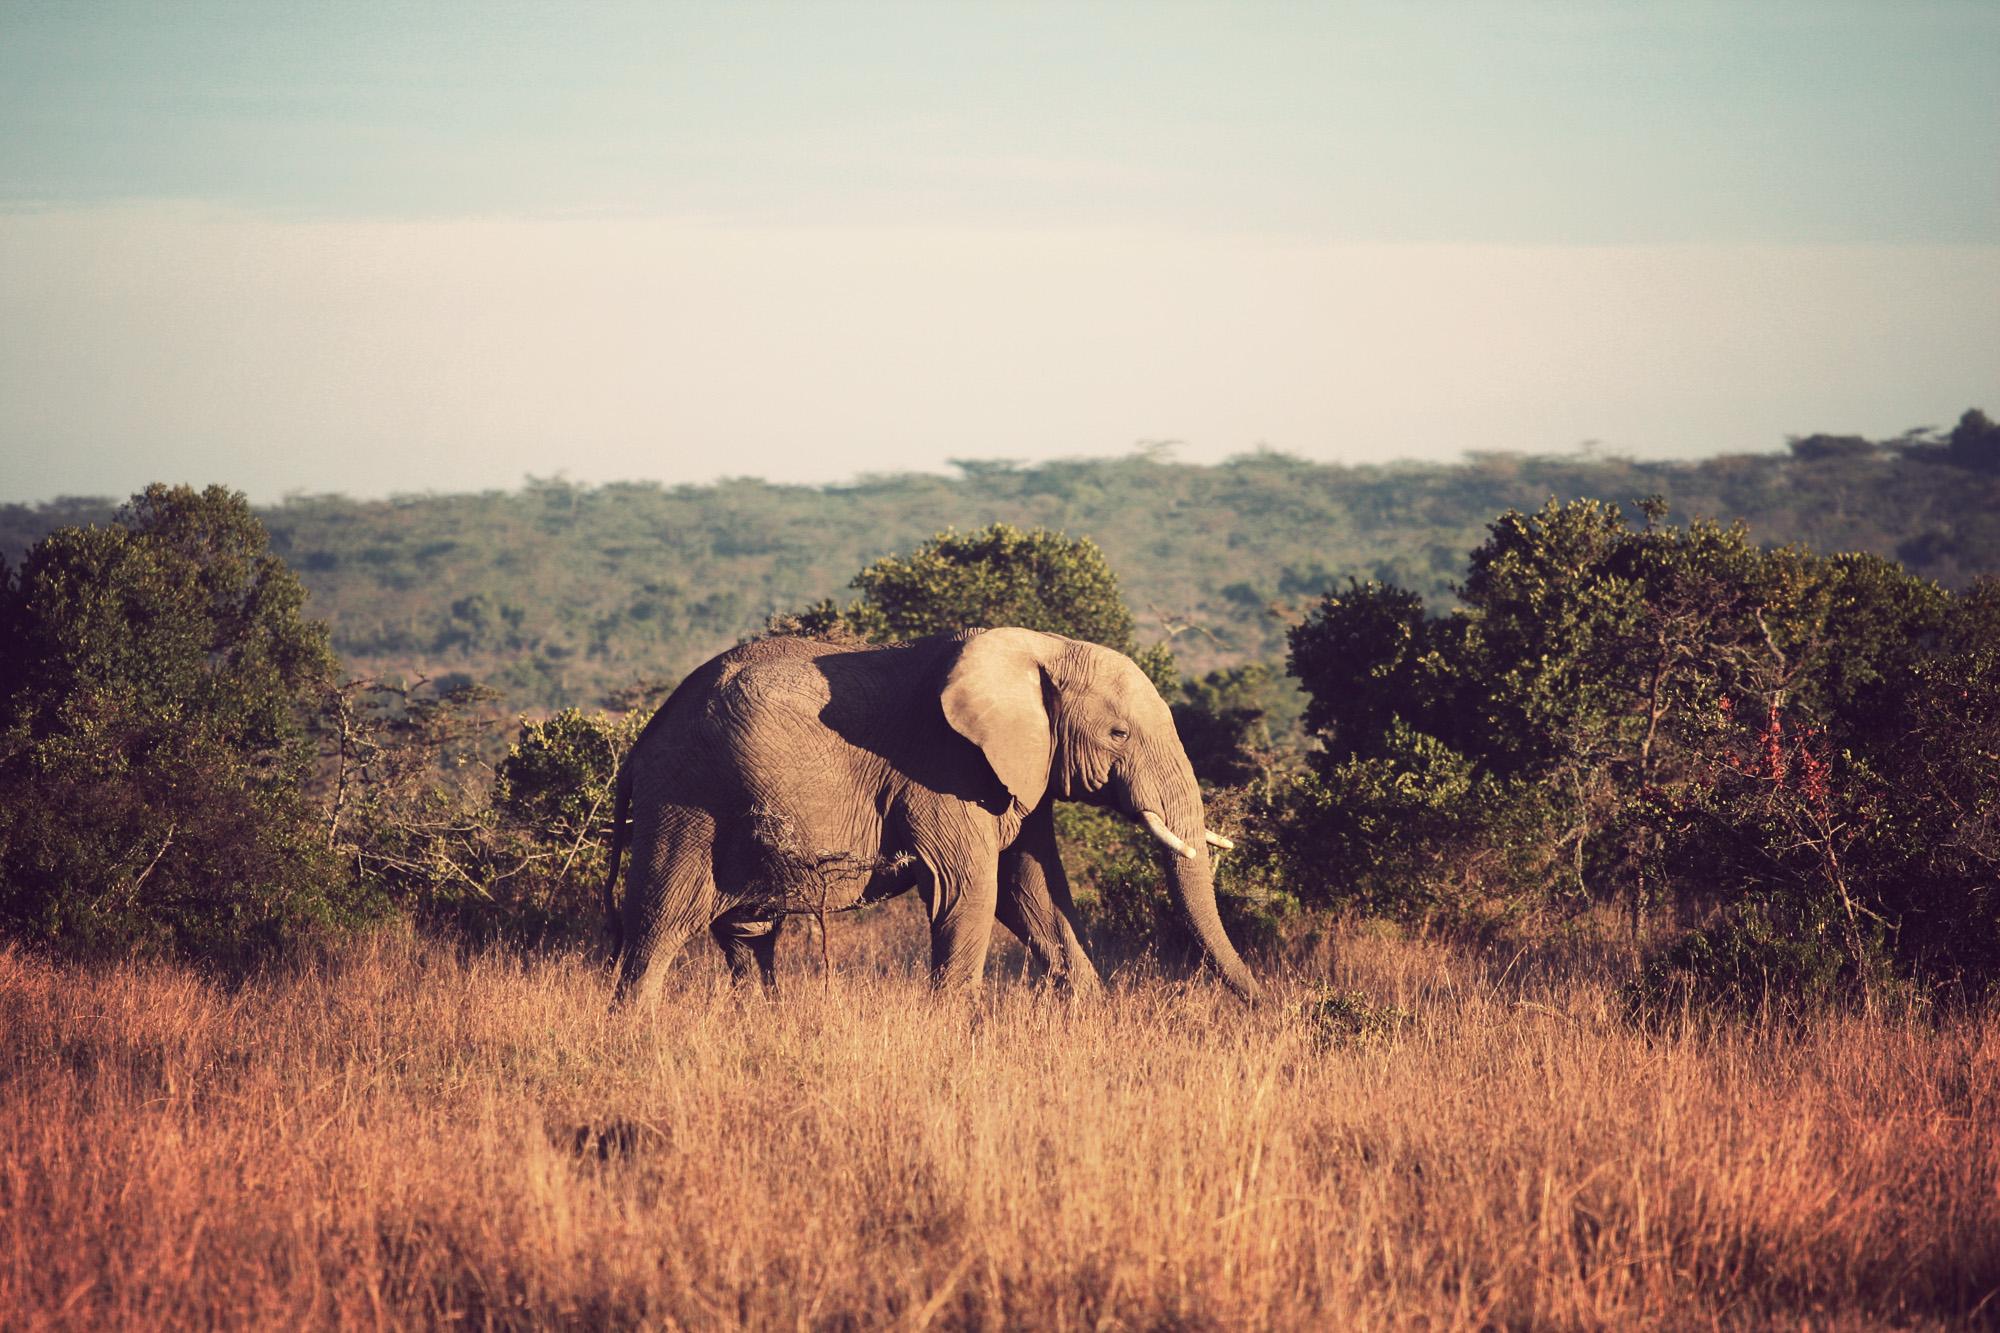 Day02_Sweetwater_Elephants_01.jpg